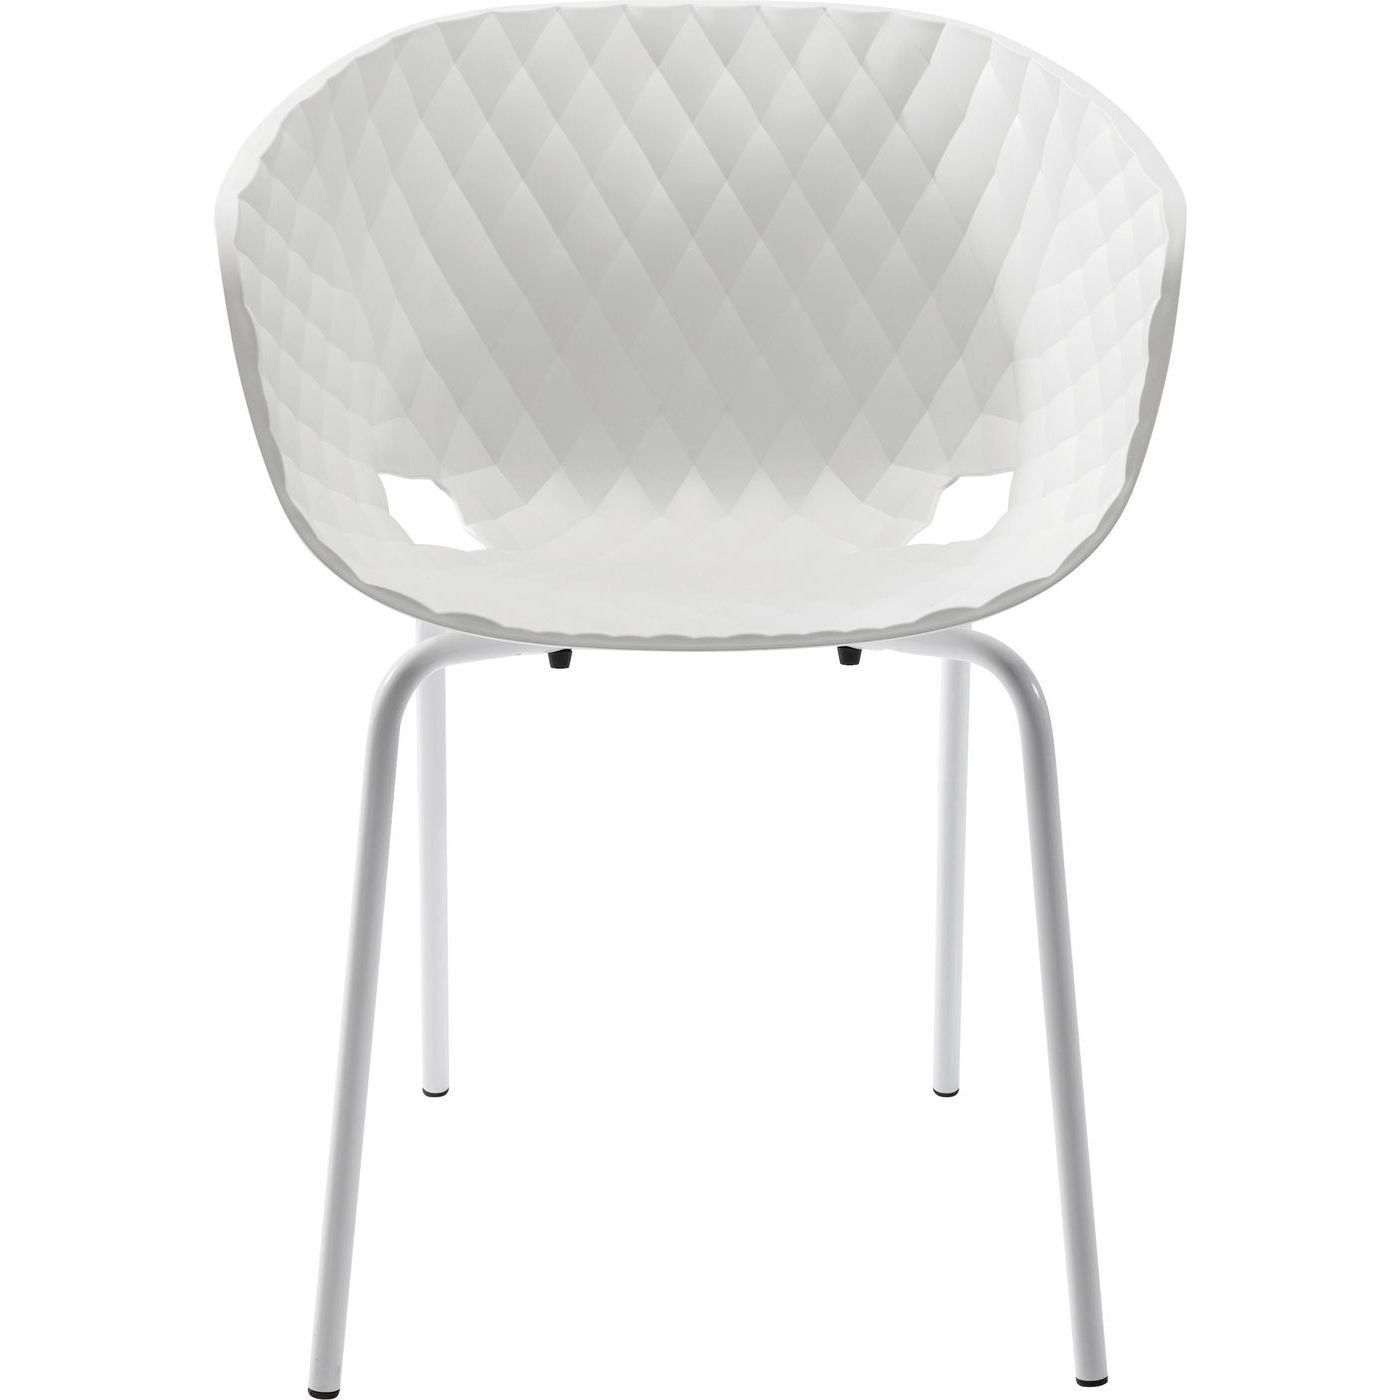 Stuhl Mit Armlehne Weiß  Stuhl mit Armlehne Radar Bubble Weiß online kaufen